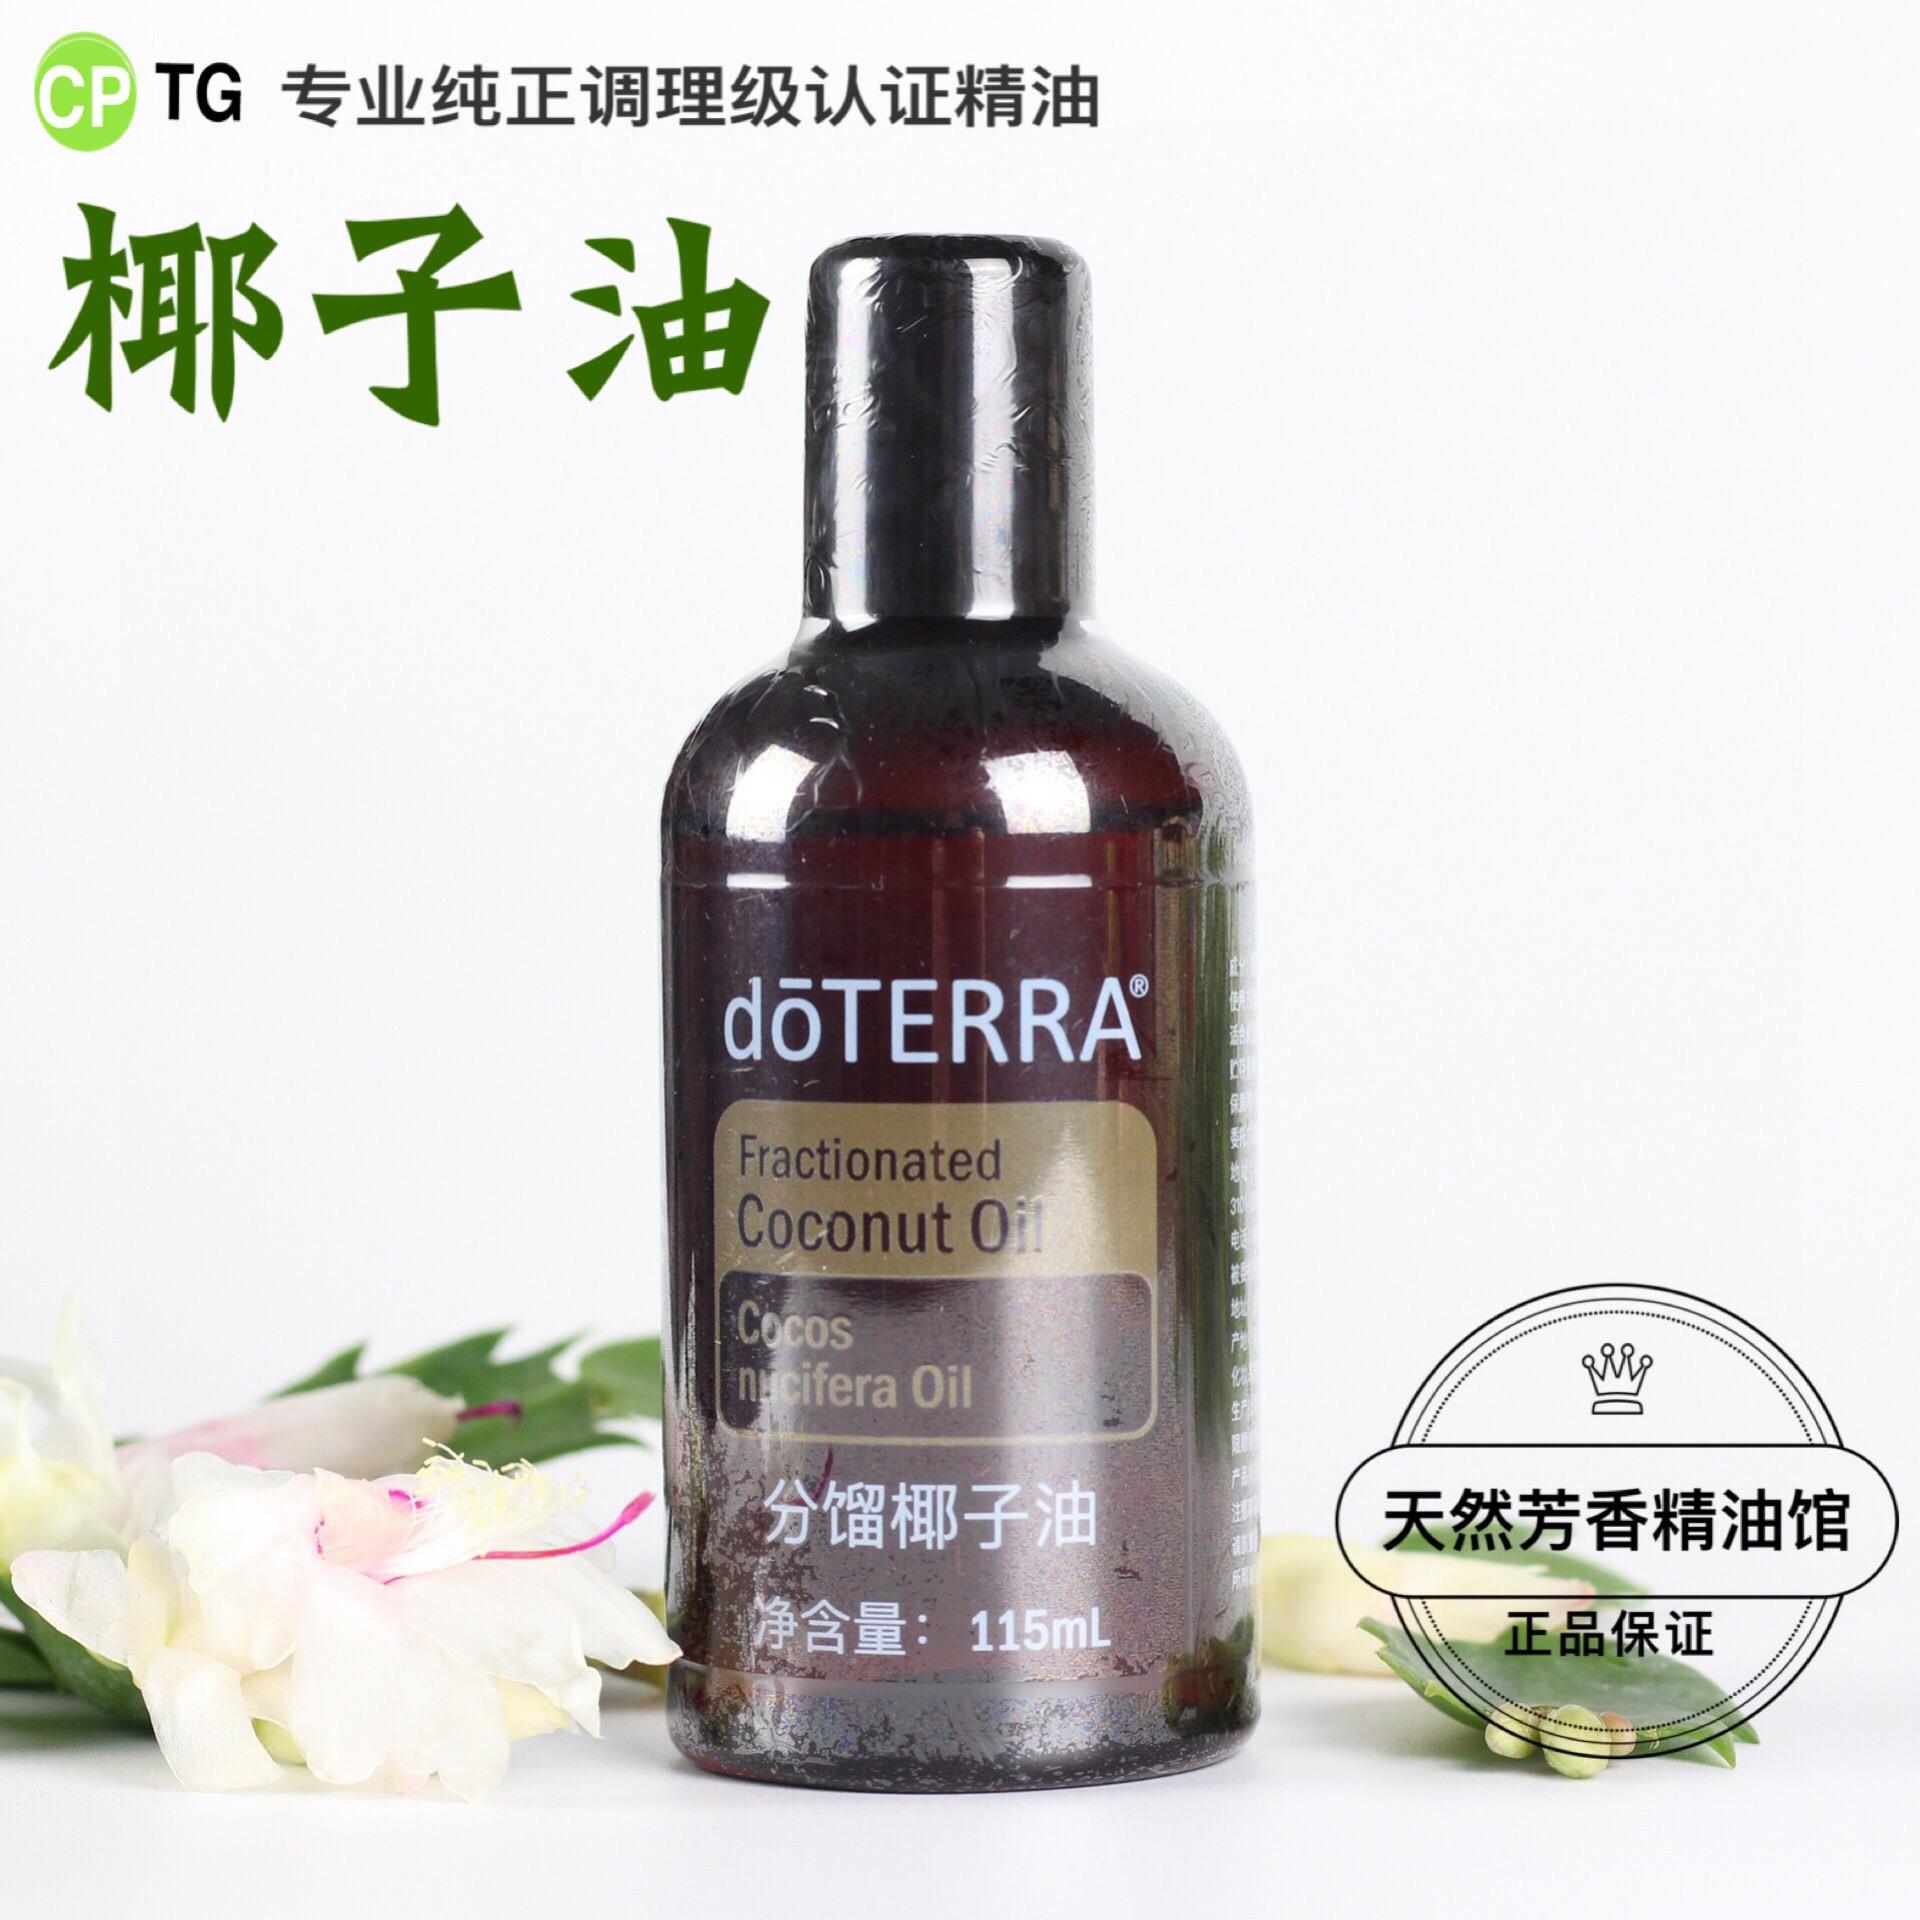 多特瑞分馏椰子油基底油115ml滋润揉按调理油限时特价正品SPA